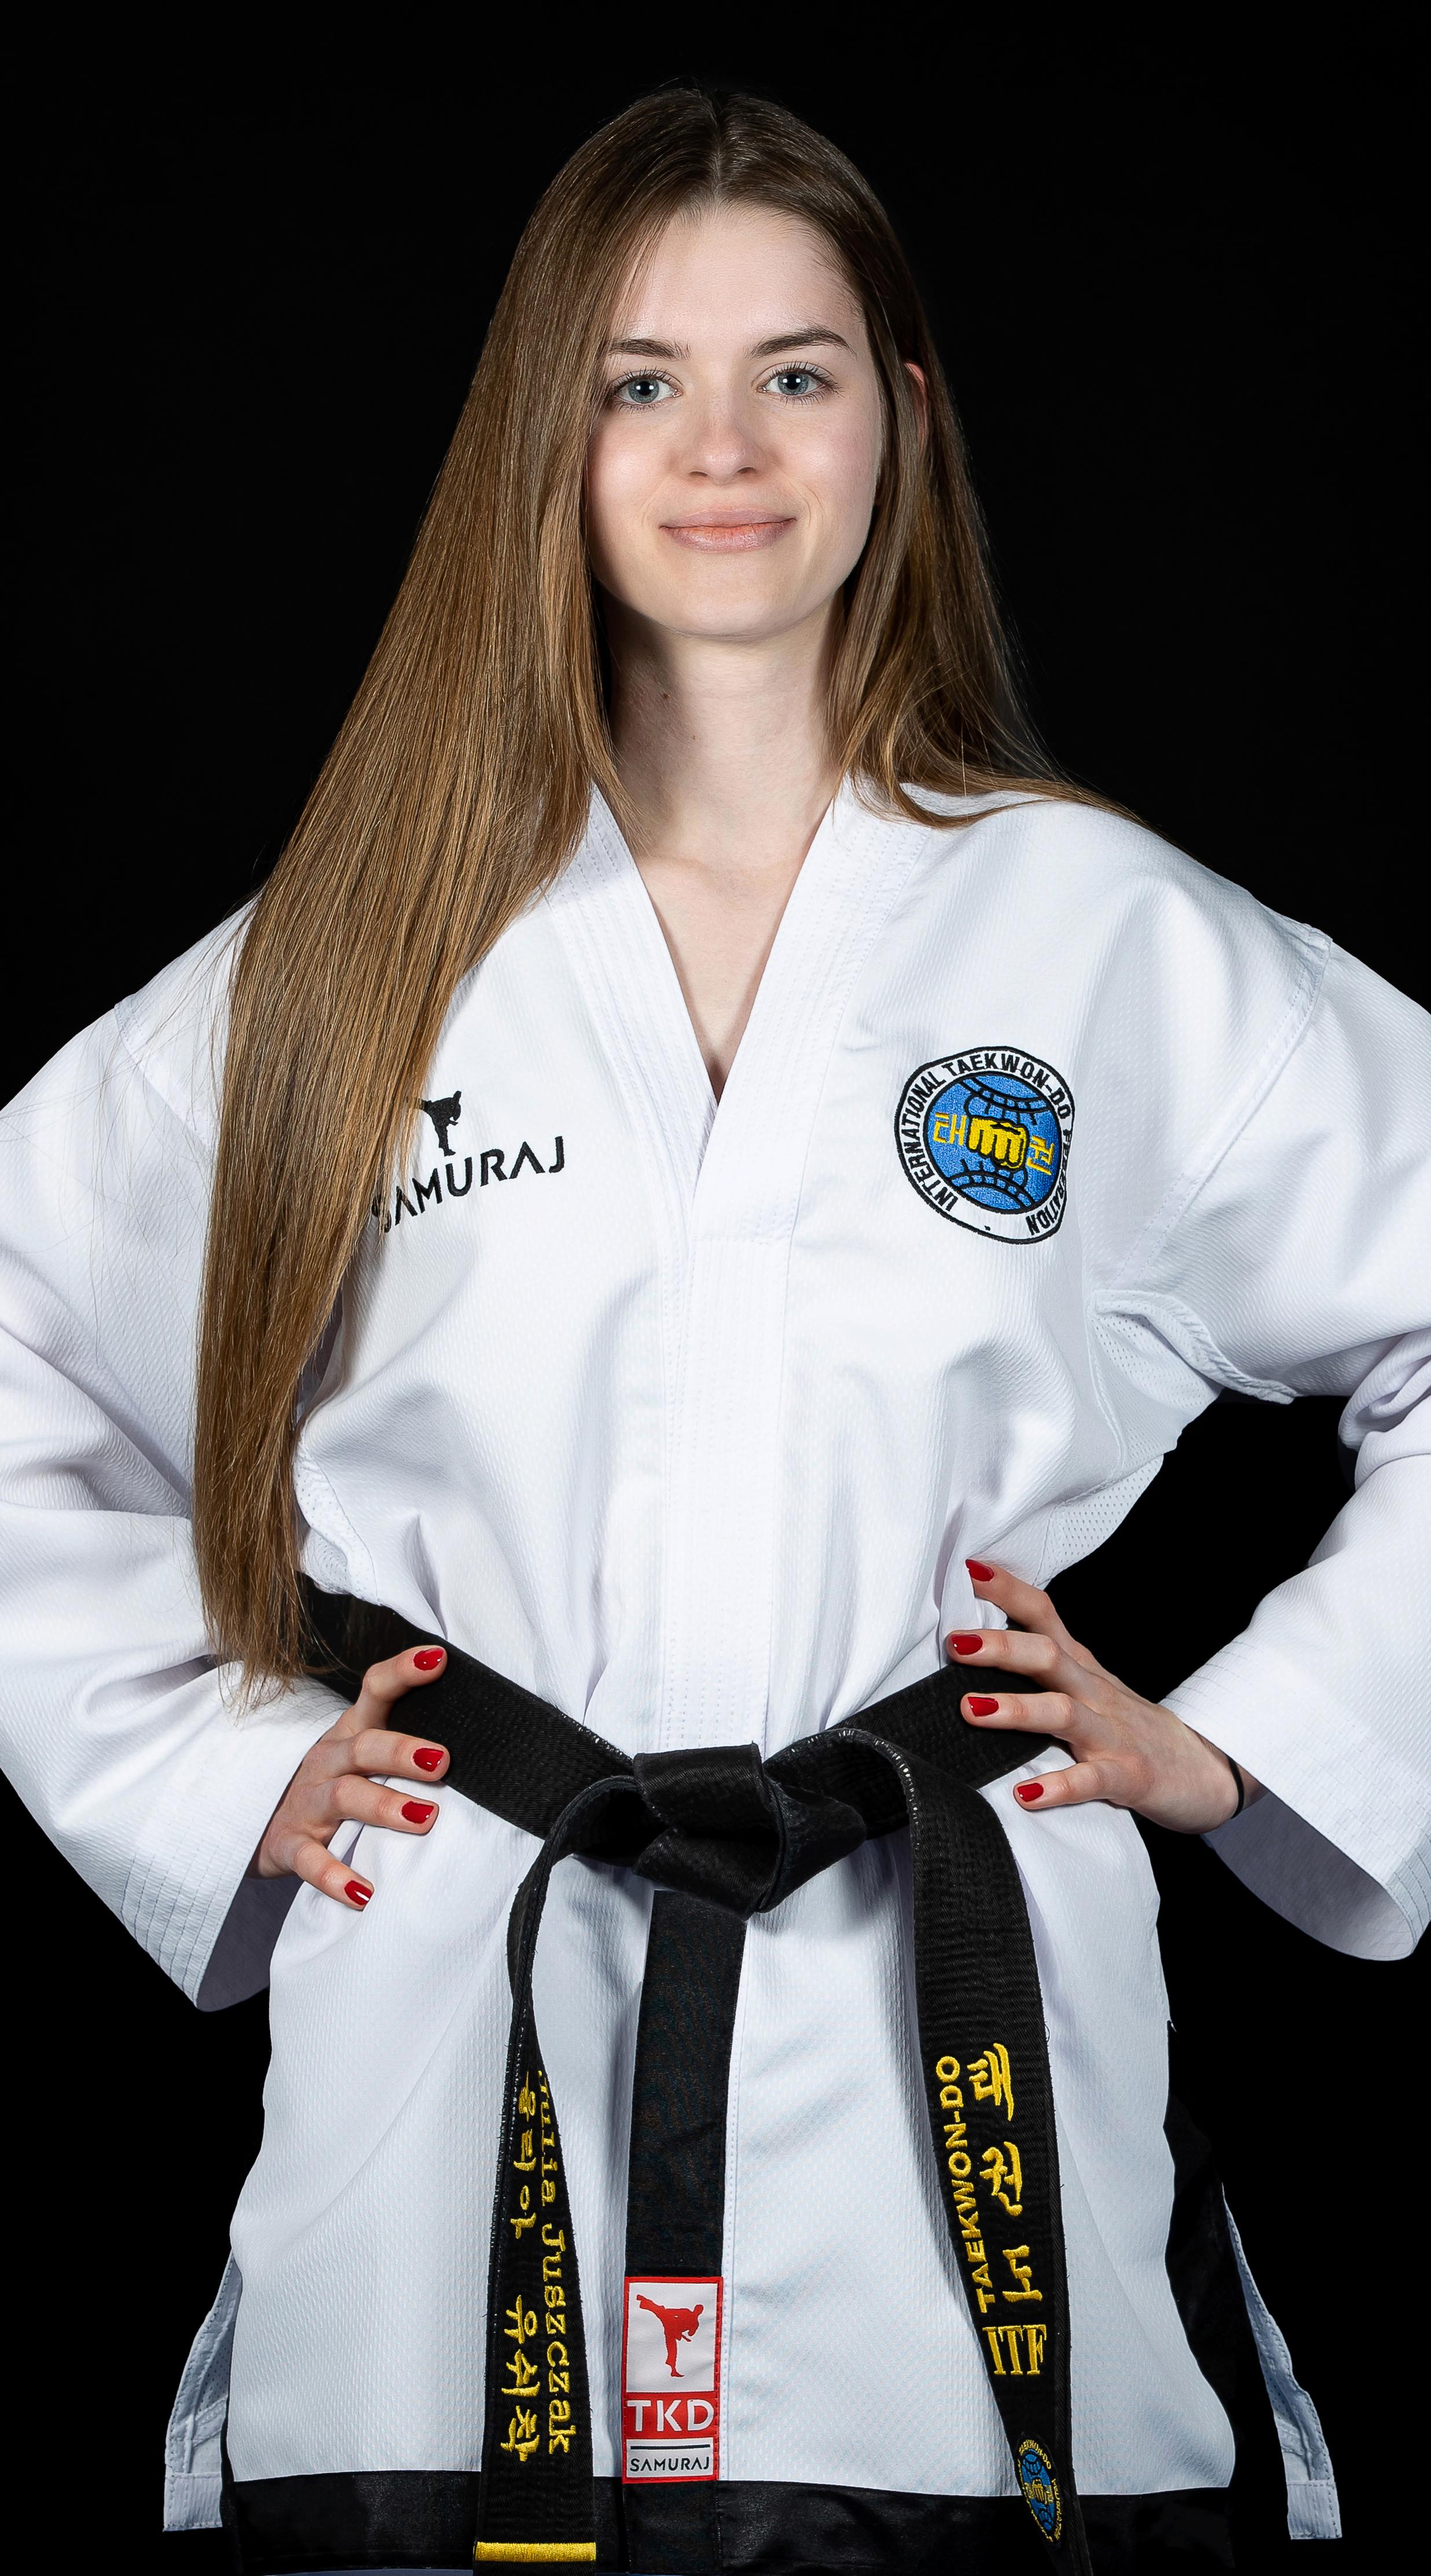 Julia Juszczak